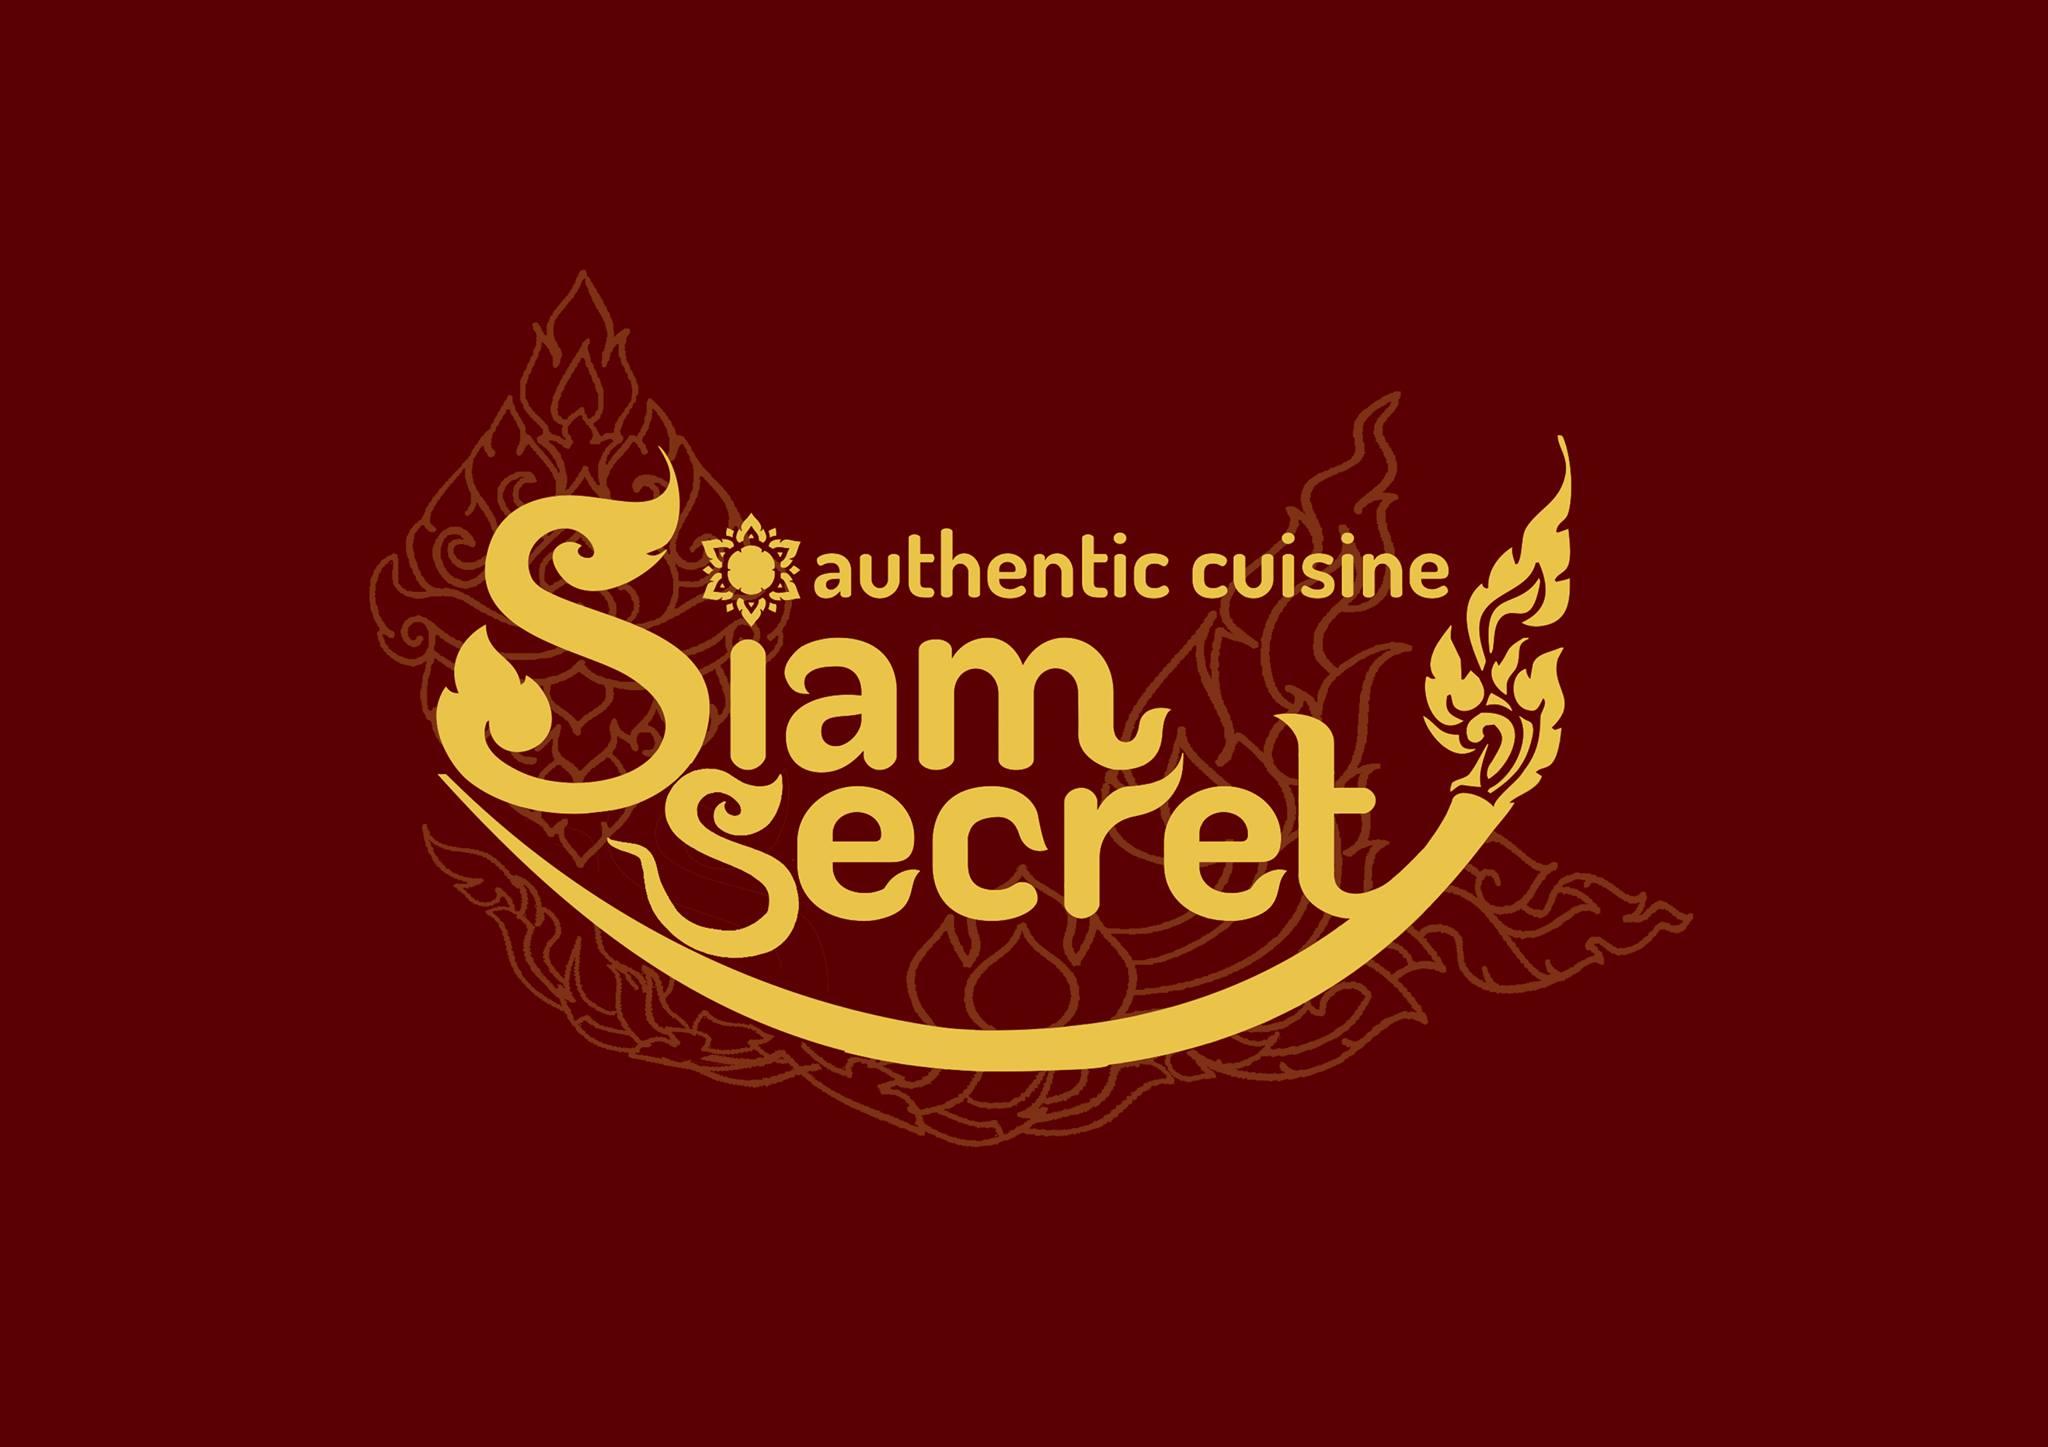 Siam Secret